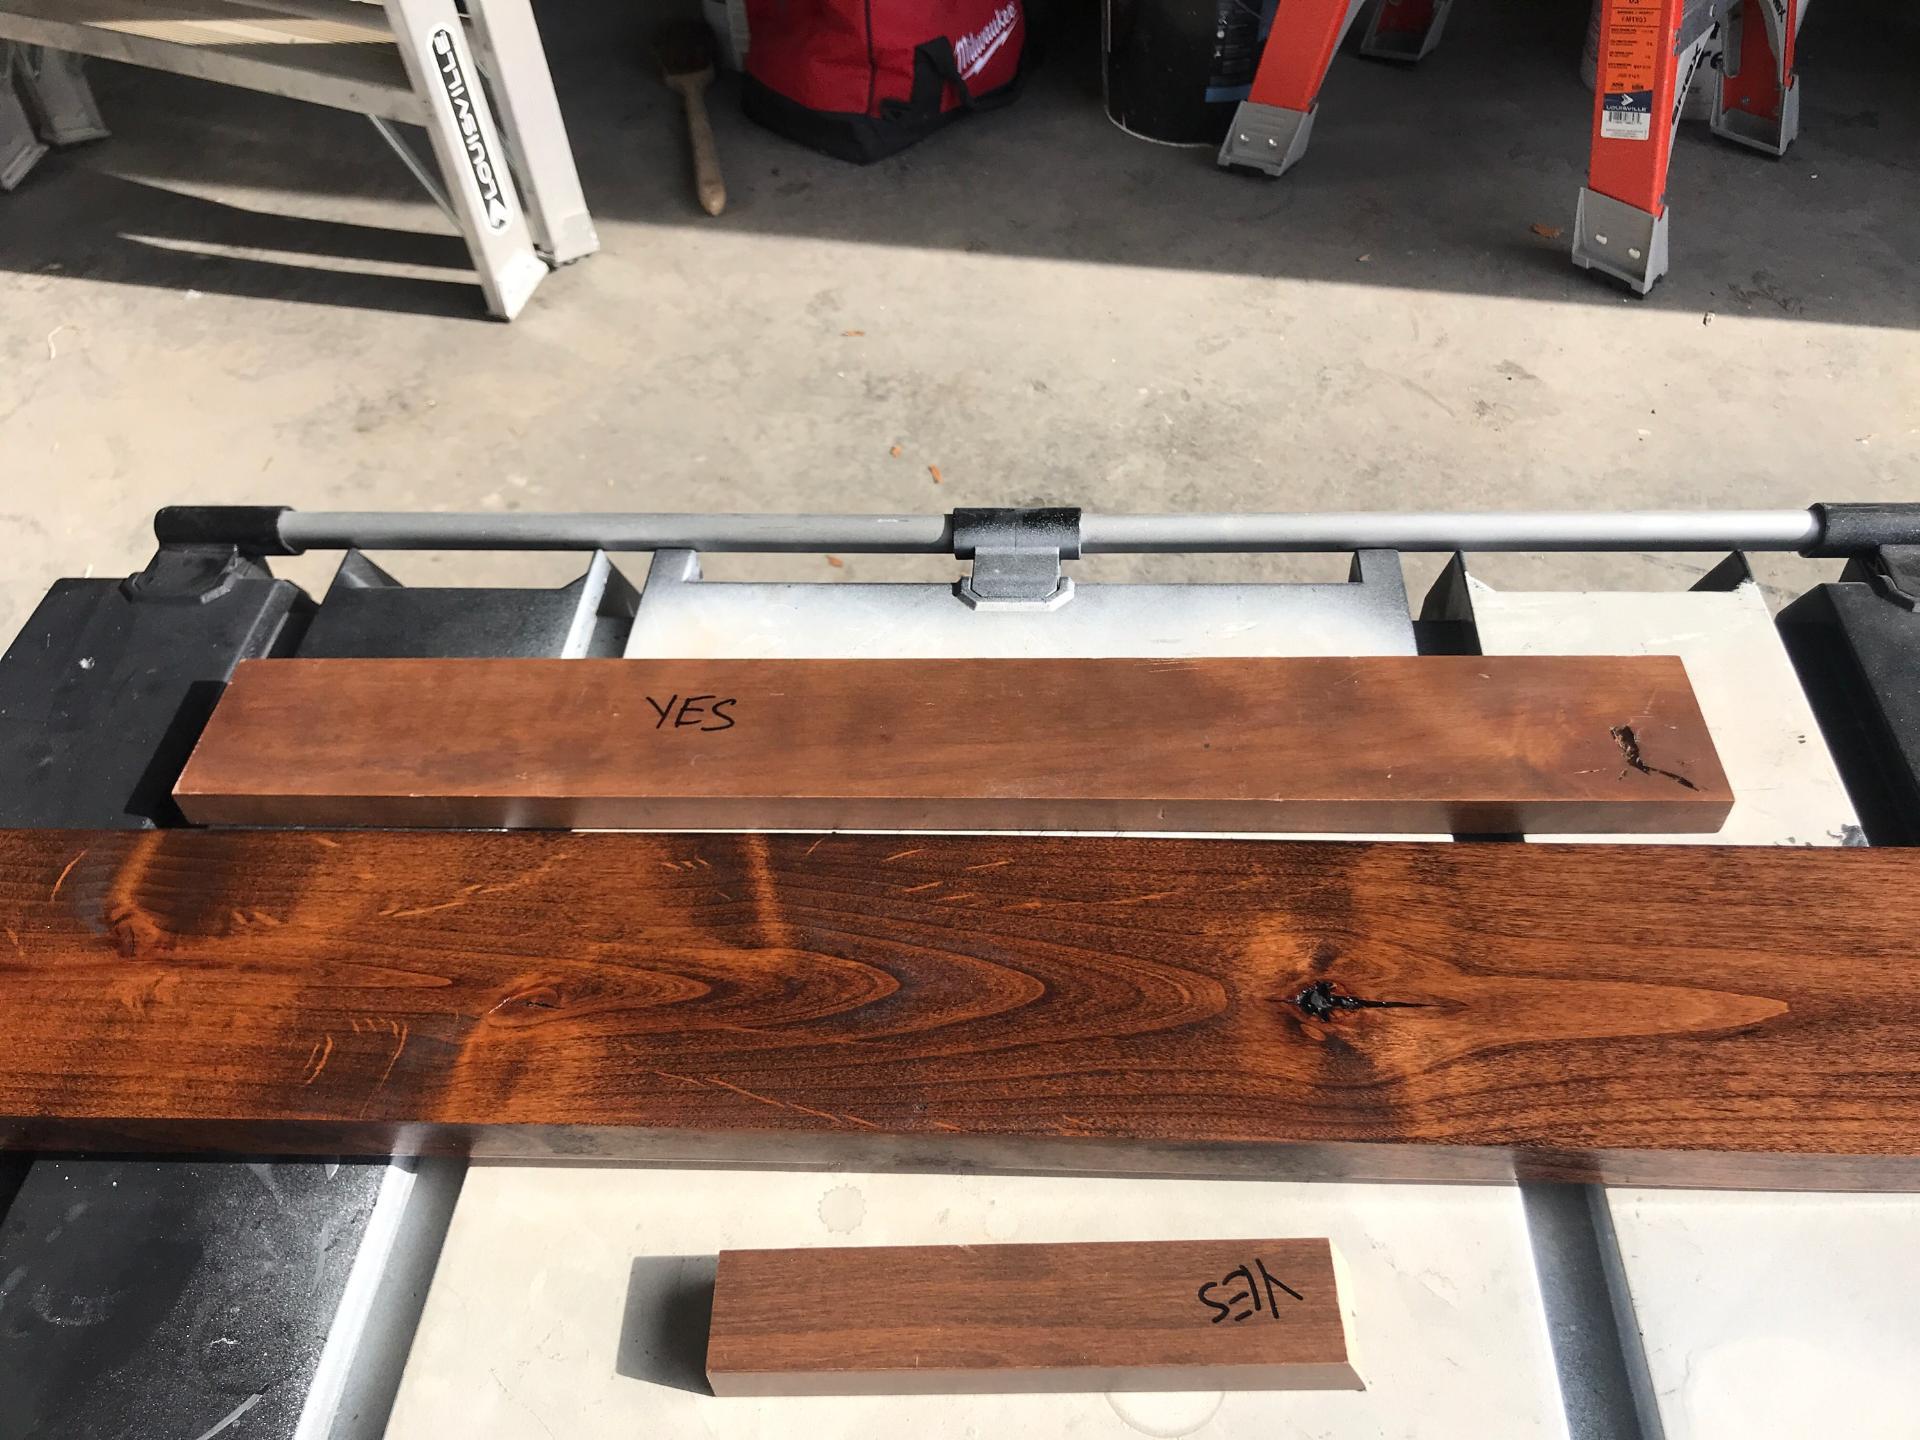 Oil or water based stain for cedar shelves?-571865077_01.jpg